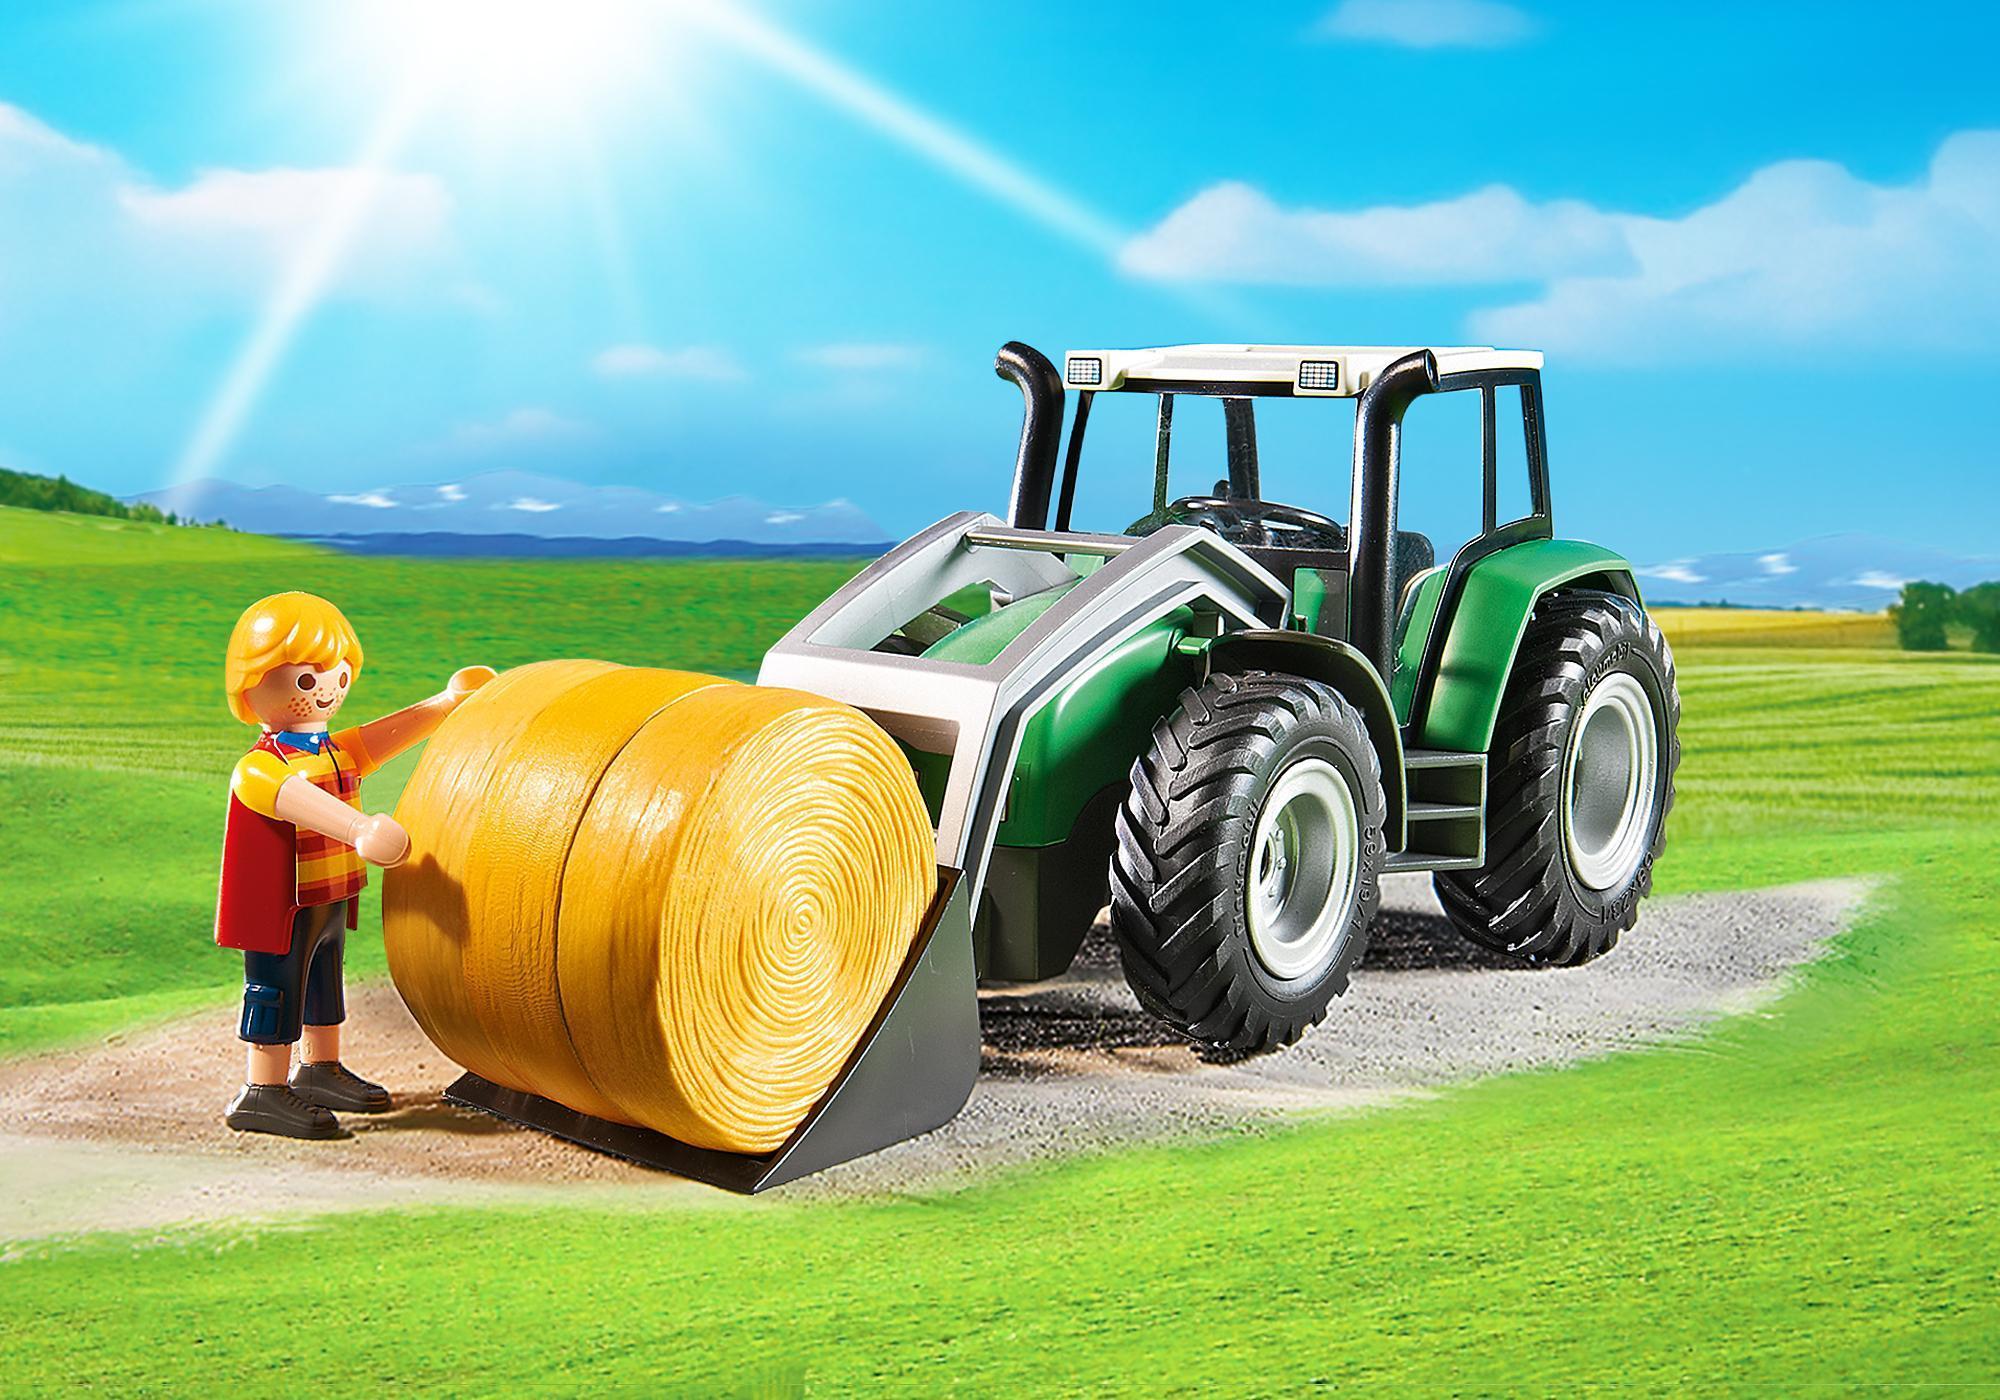 http://media.playmobil.com/i/playmobil/6130_product_extra2/Tracteur avec pelle et remorque